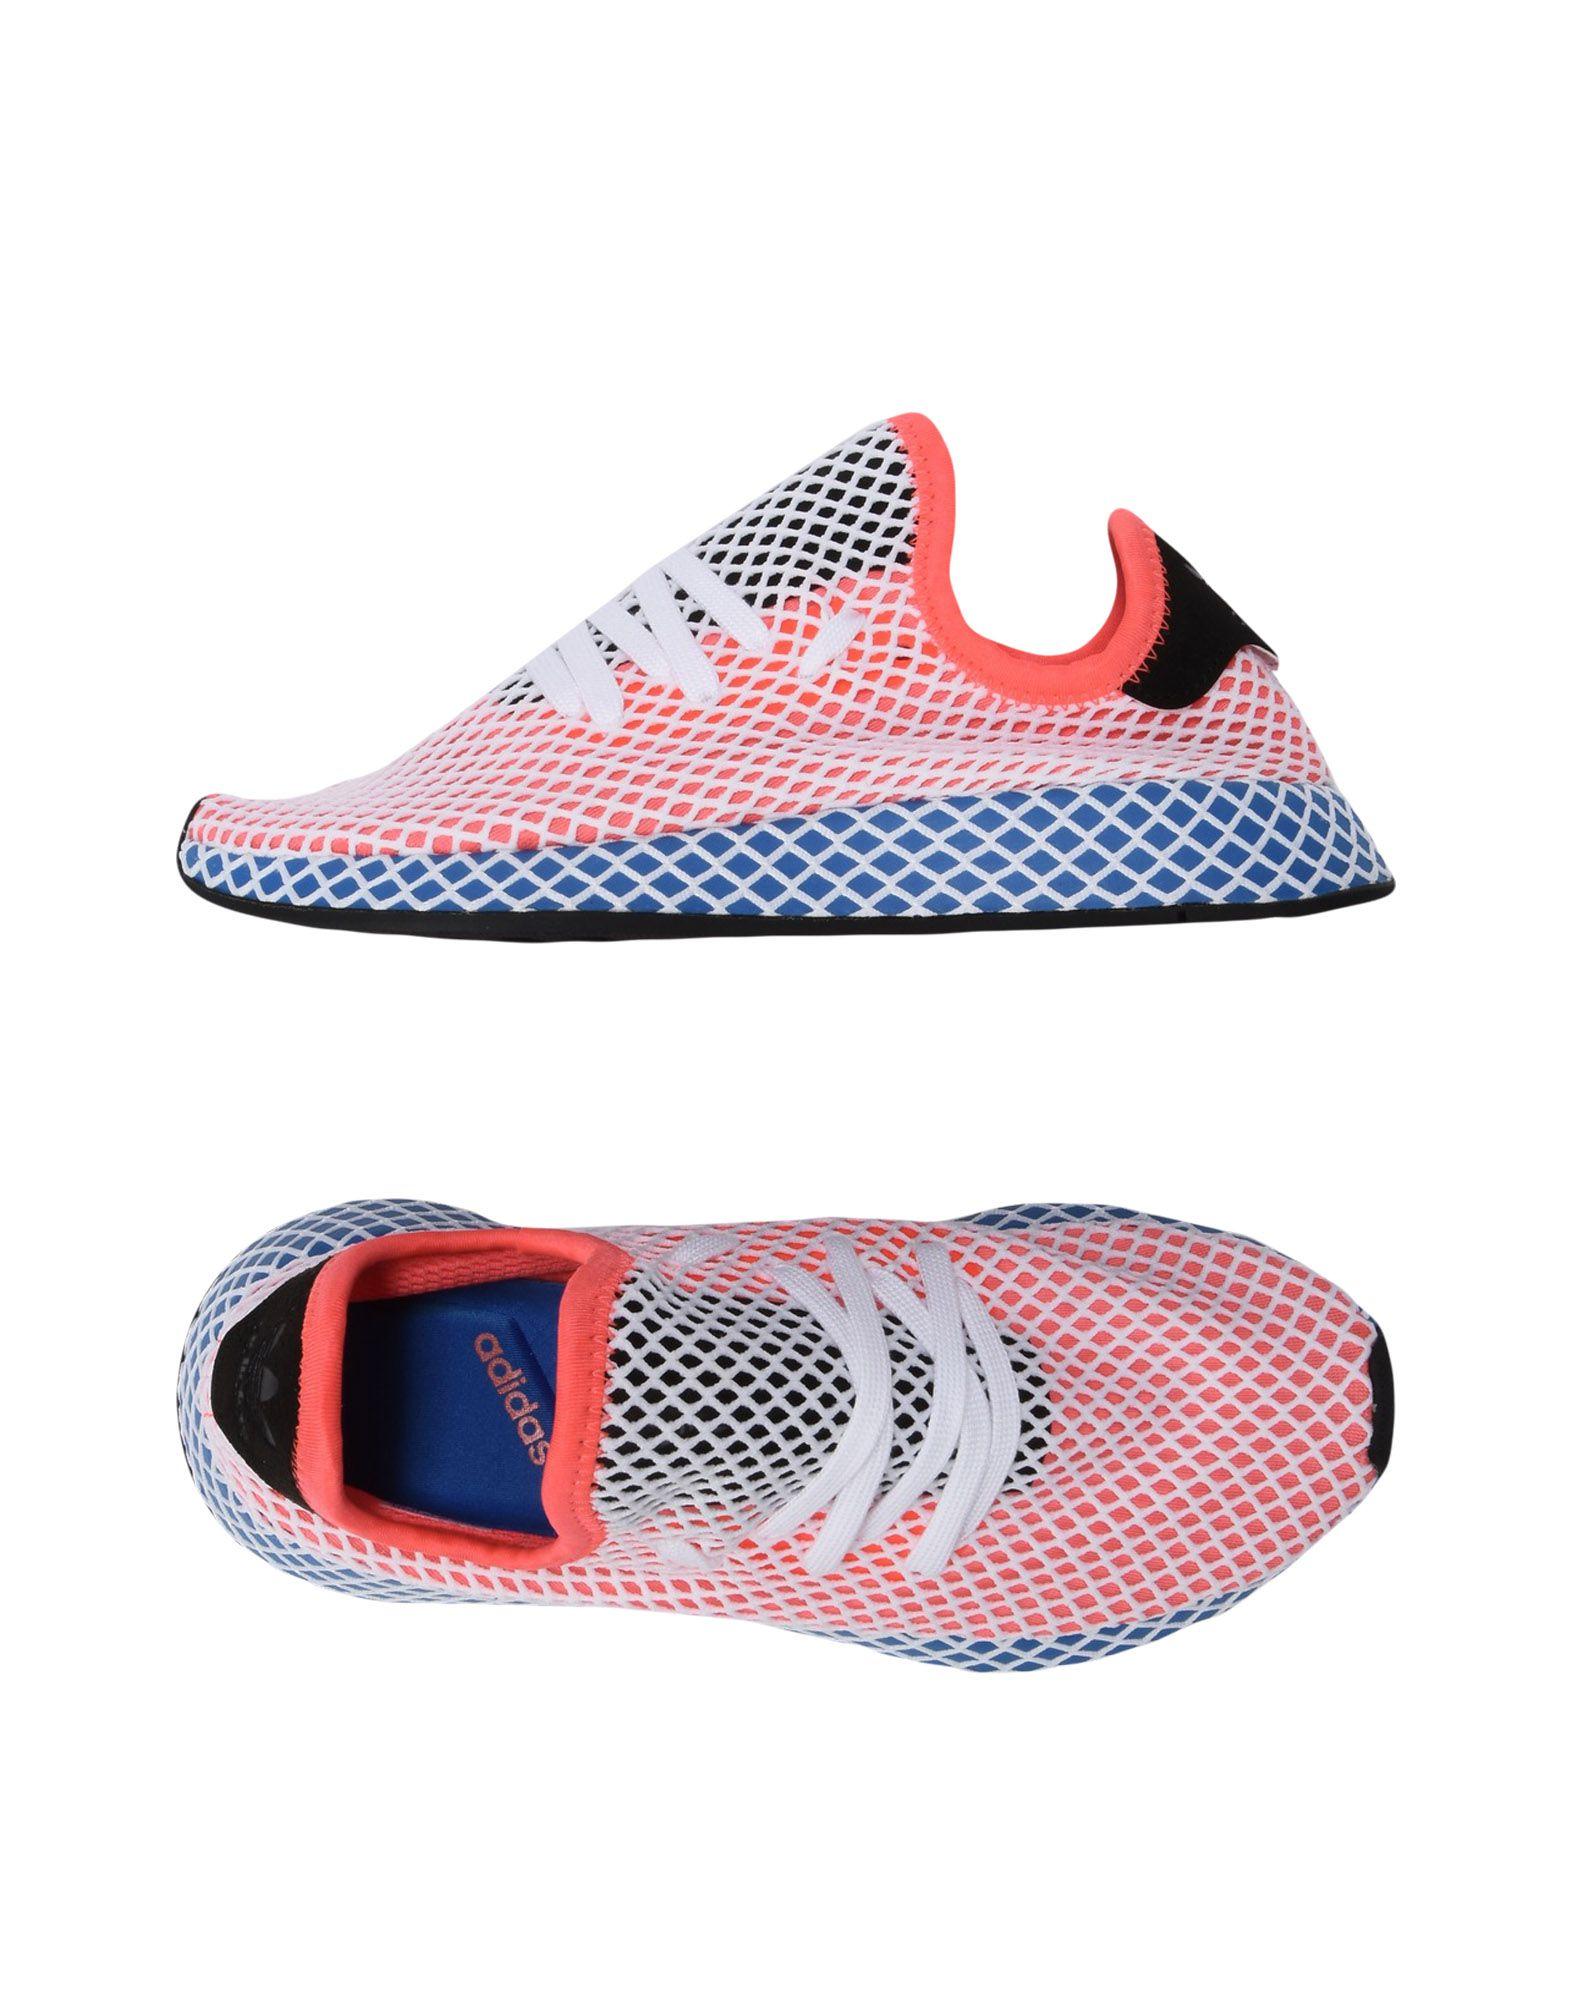 《送料無料》ADIDAS ORIGINALS レディース スニーカー&テニスシューズ(ローカット) コーラル 4 紡績繊維 DEERUPT RUNNER